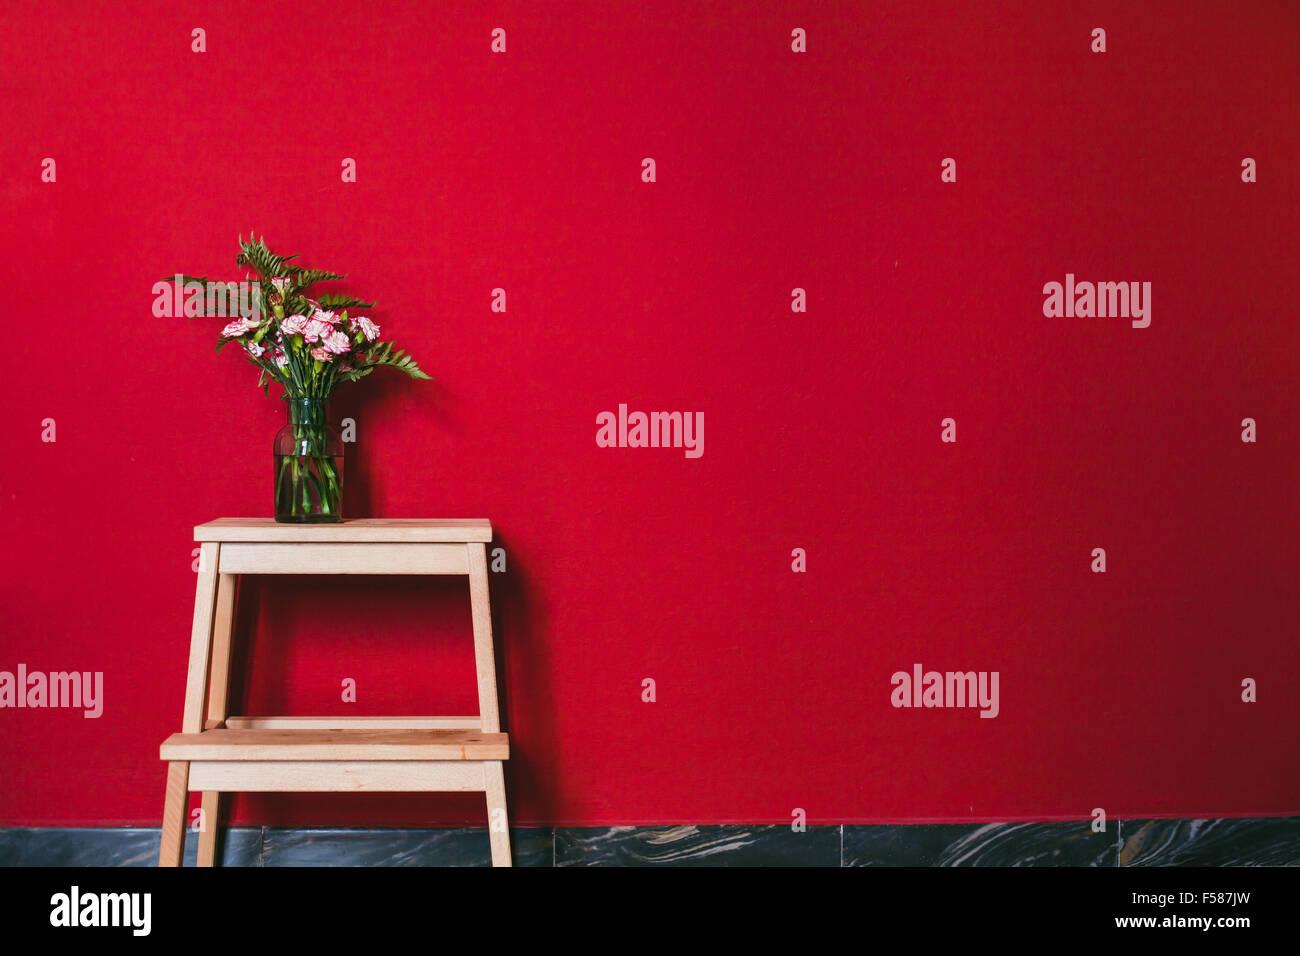 schlichtes Design, Interieur, Blumen in Vase auf der roten Wand Hintergrund Stockbild